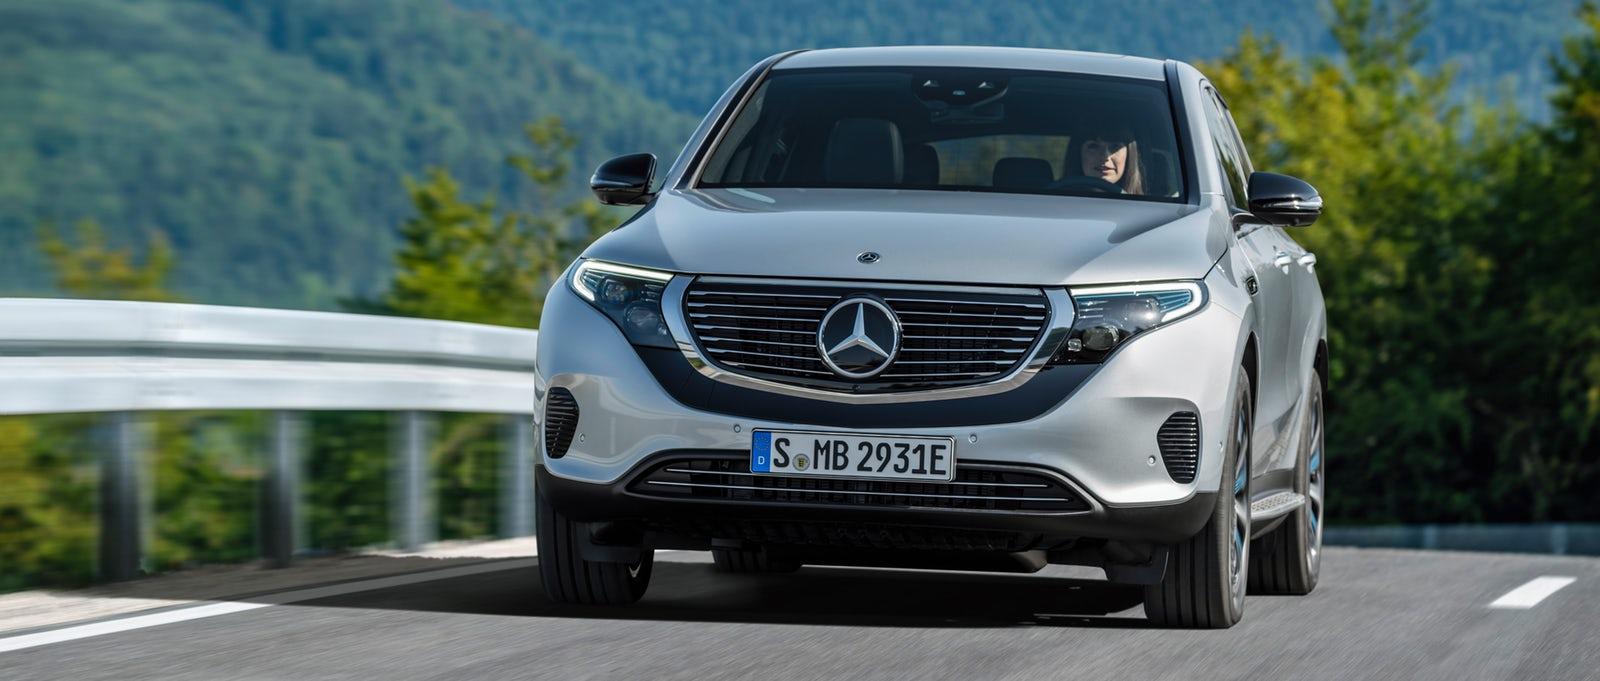 Mercedes elektrikli araba fiyatları - Mercedes Benz EQC elektrikli araba fiyatları